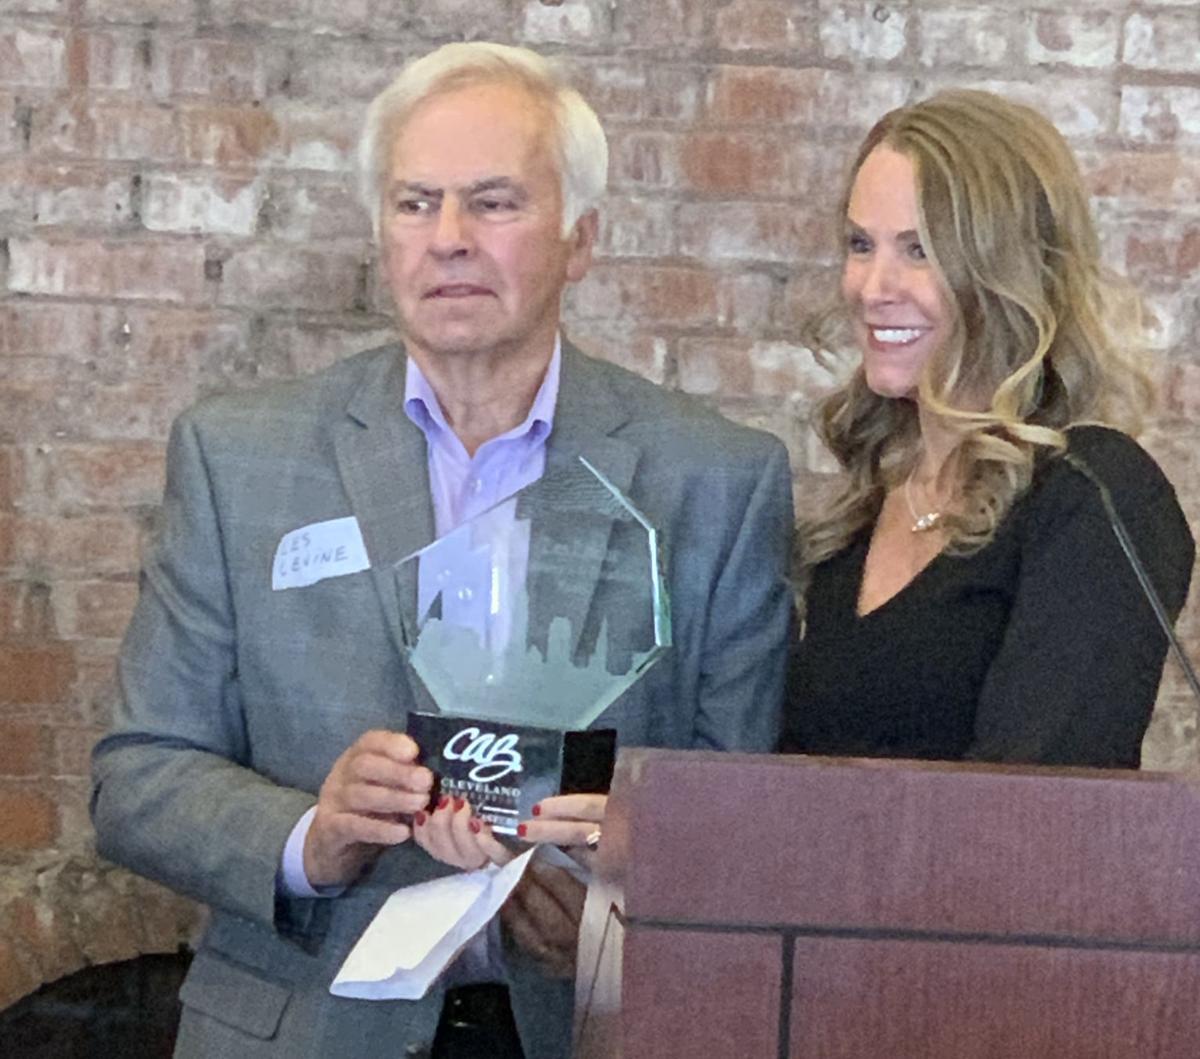 Les Levine accepts award (copy)